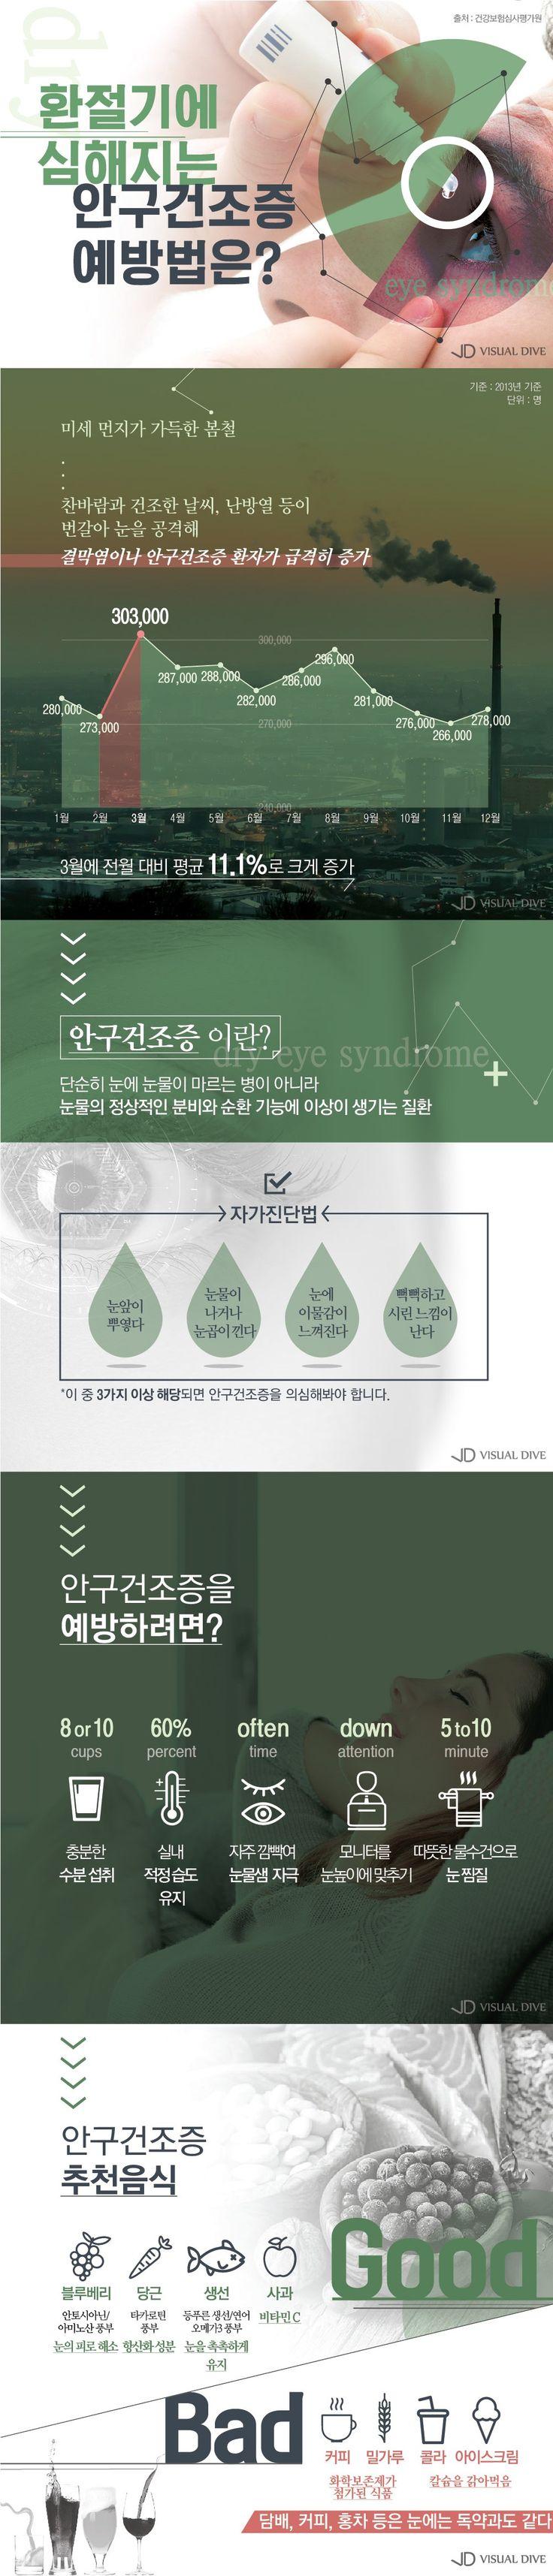 봄철 '안구건조증'으로부터 눈 지키는 방법 [인포그래픽] #eye / #Infographic ⓒ 비주얼다이브 무단 복사·전재·재배포 금지